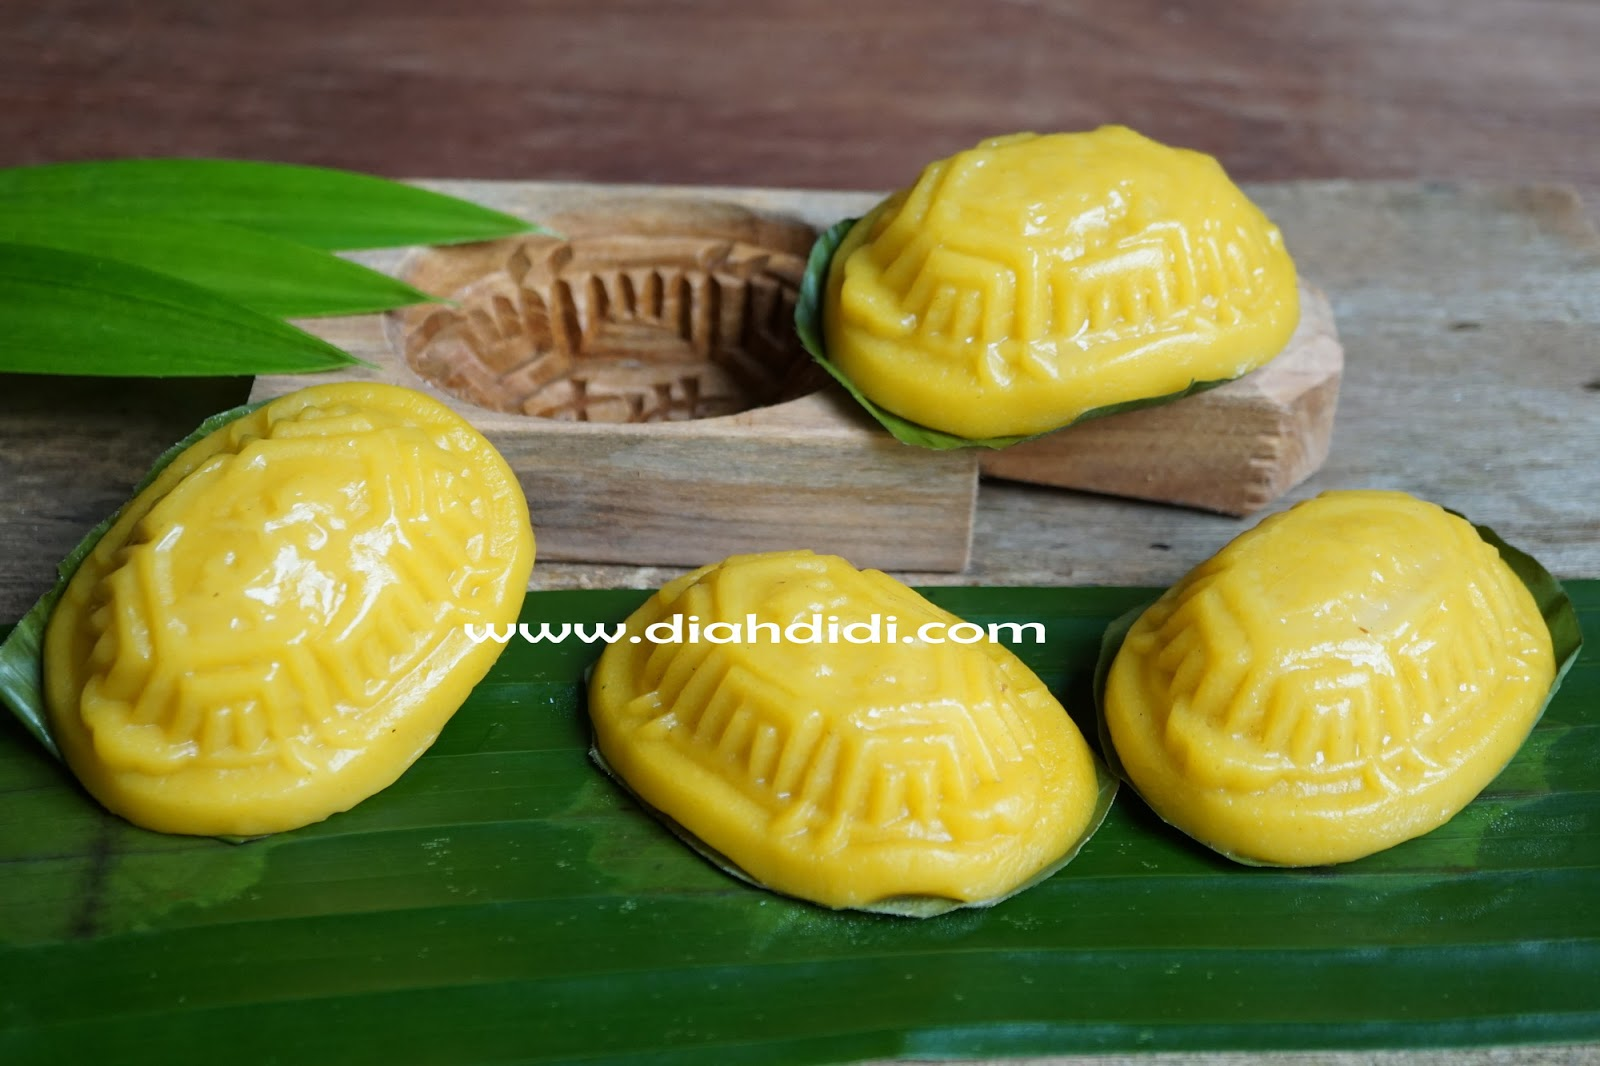 Diah Didis Kitchen Kacang Bawang Empuk Gurih Renyah Ayu 1kg By Bali Tips Membuat Kue Ku Thok